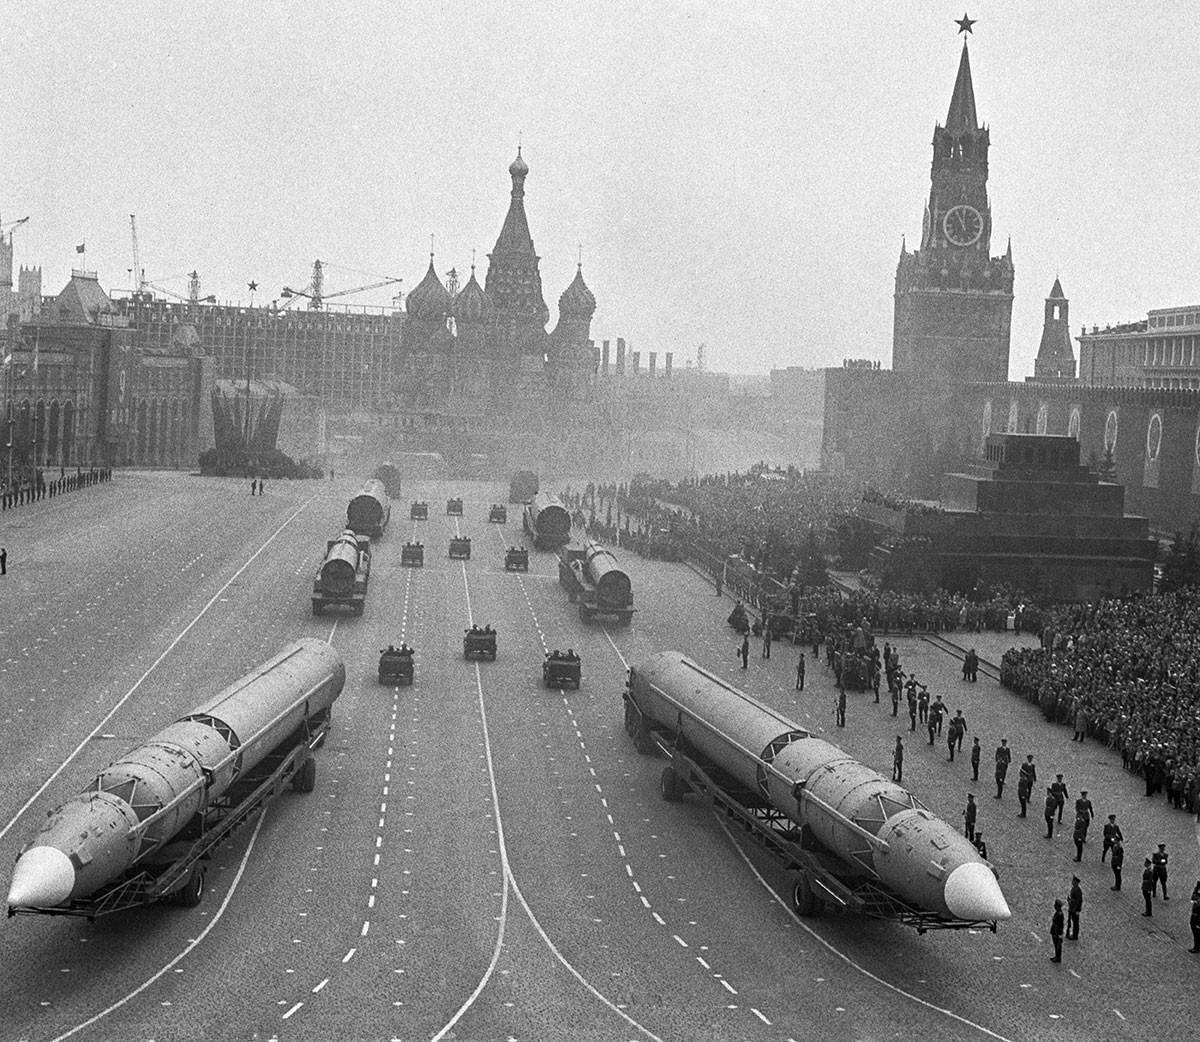 戦勝記念軍事パレードでの弾道ミサイルGR-1、1965年